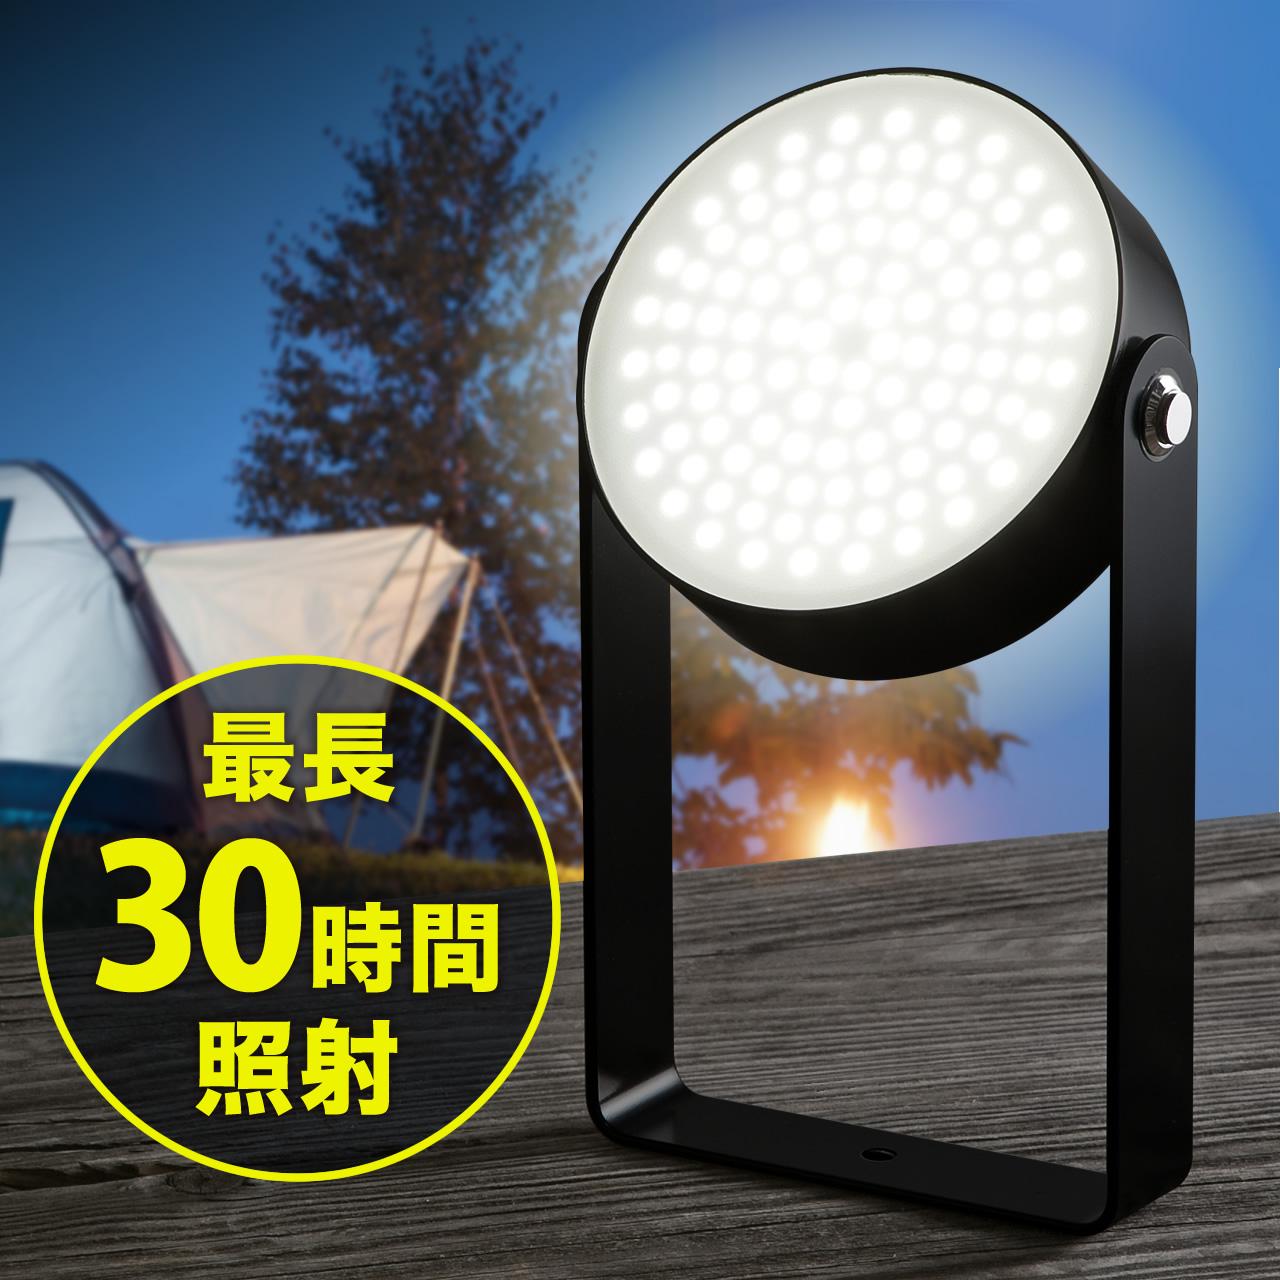 【半額セール】LEDライト(防水・電池容量7800mA・USB充電式・720ルーメン・三脚固定・多目的ライト・ブラック) 【決算感謝祭セール品】